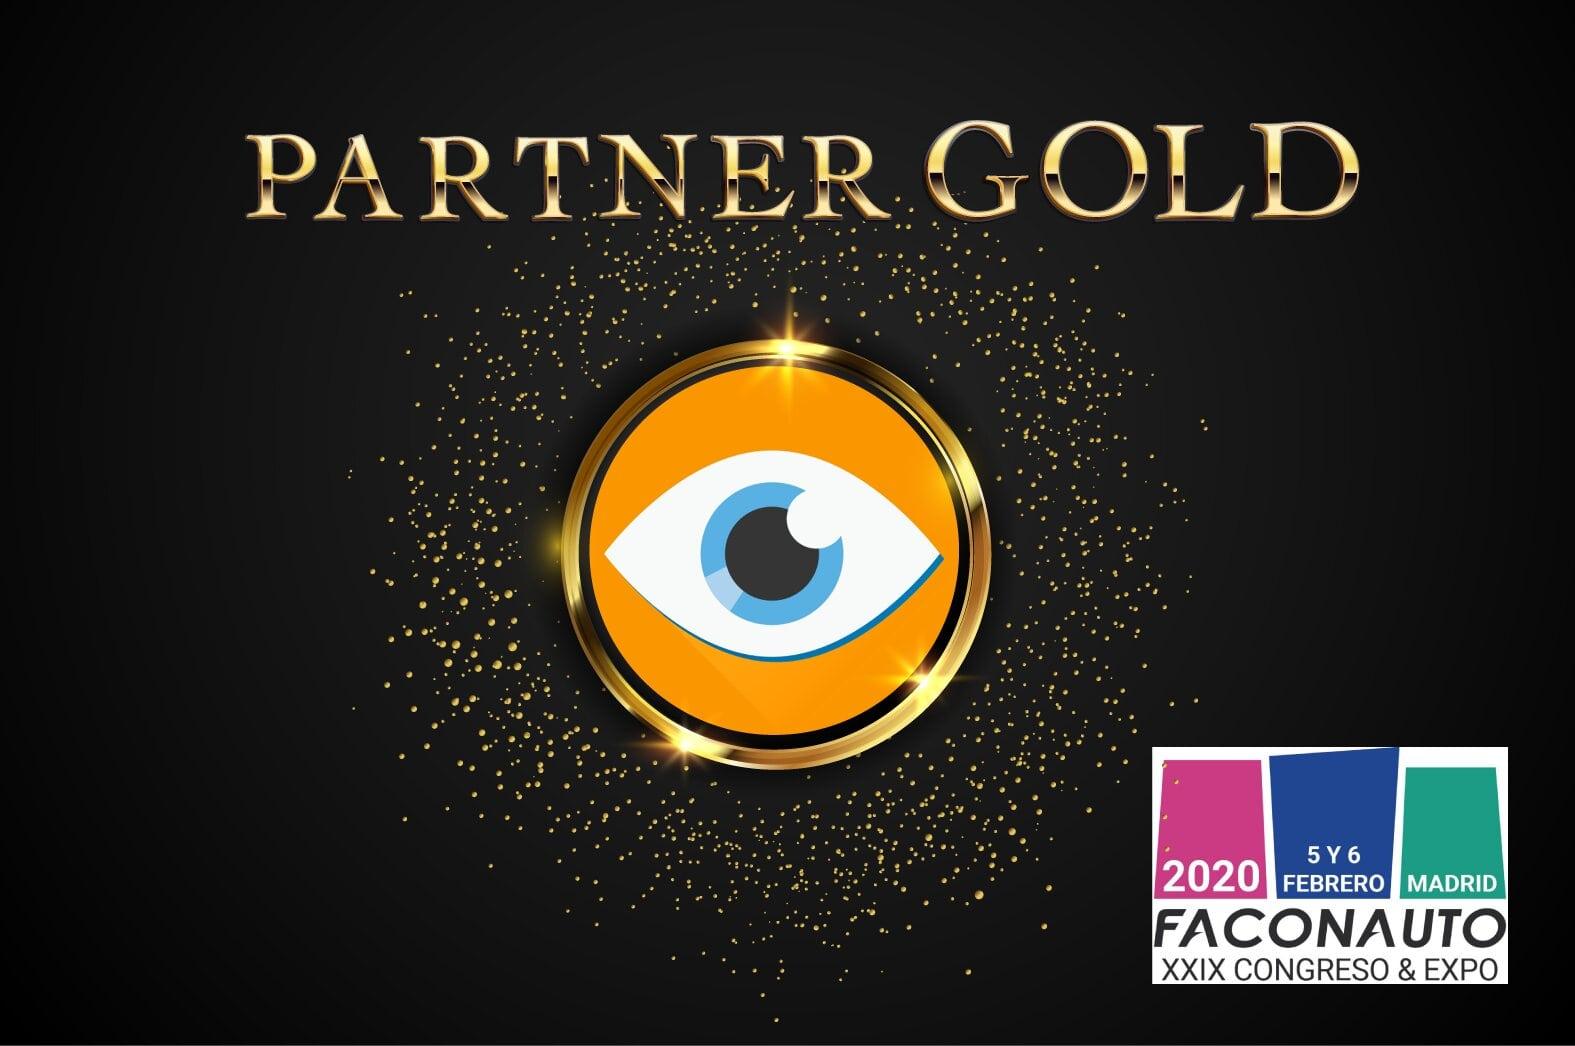 DF-SERVER patrocinador oro en el XXIX Congreso & Expo de Faconauto